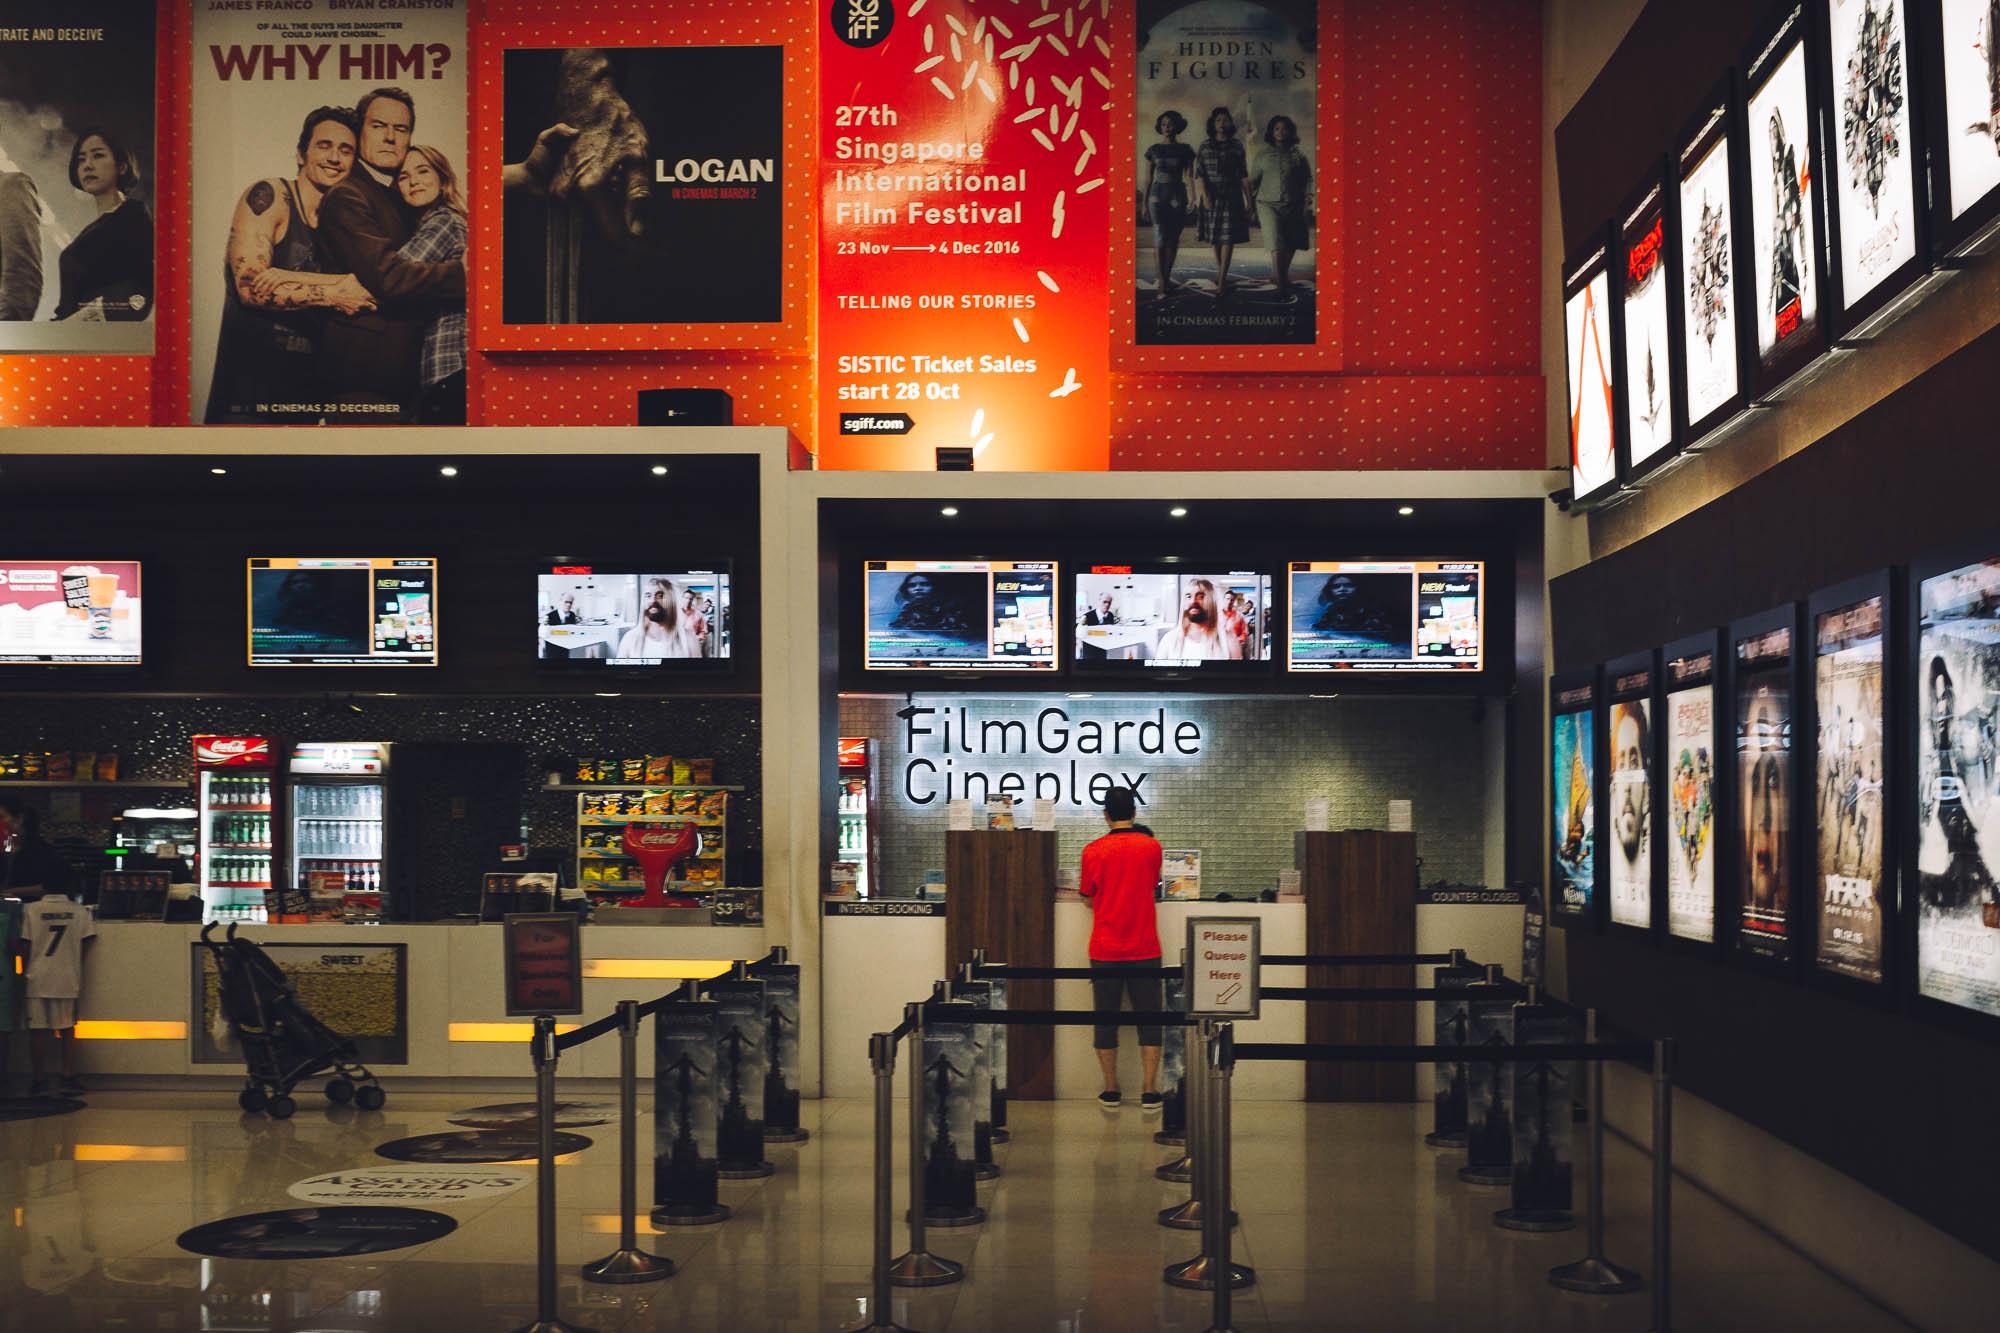 Bugis+ FilmGarde Cineplex